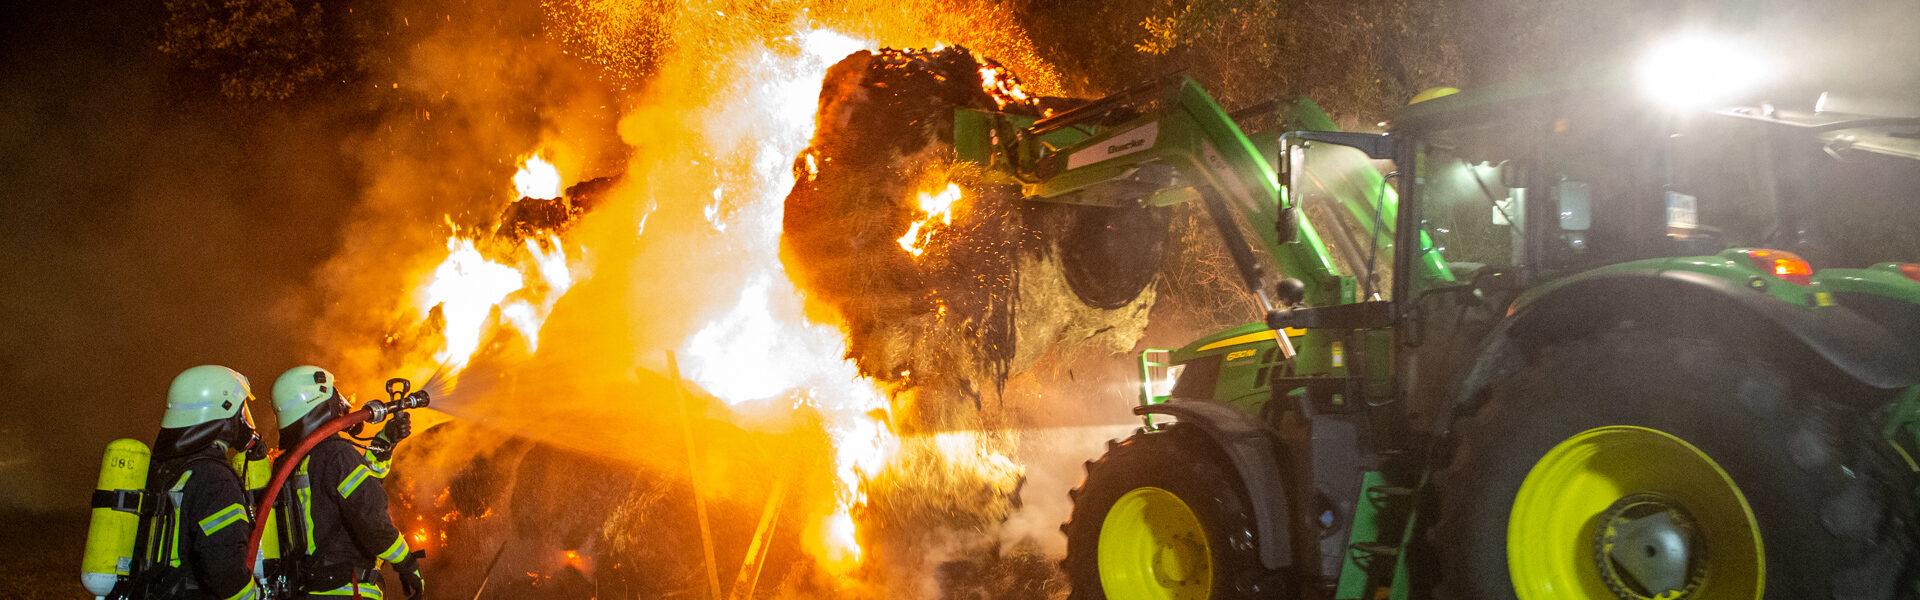 01.08.2021 – 60 Strohballen brennen auf Erdbeerfeld